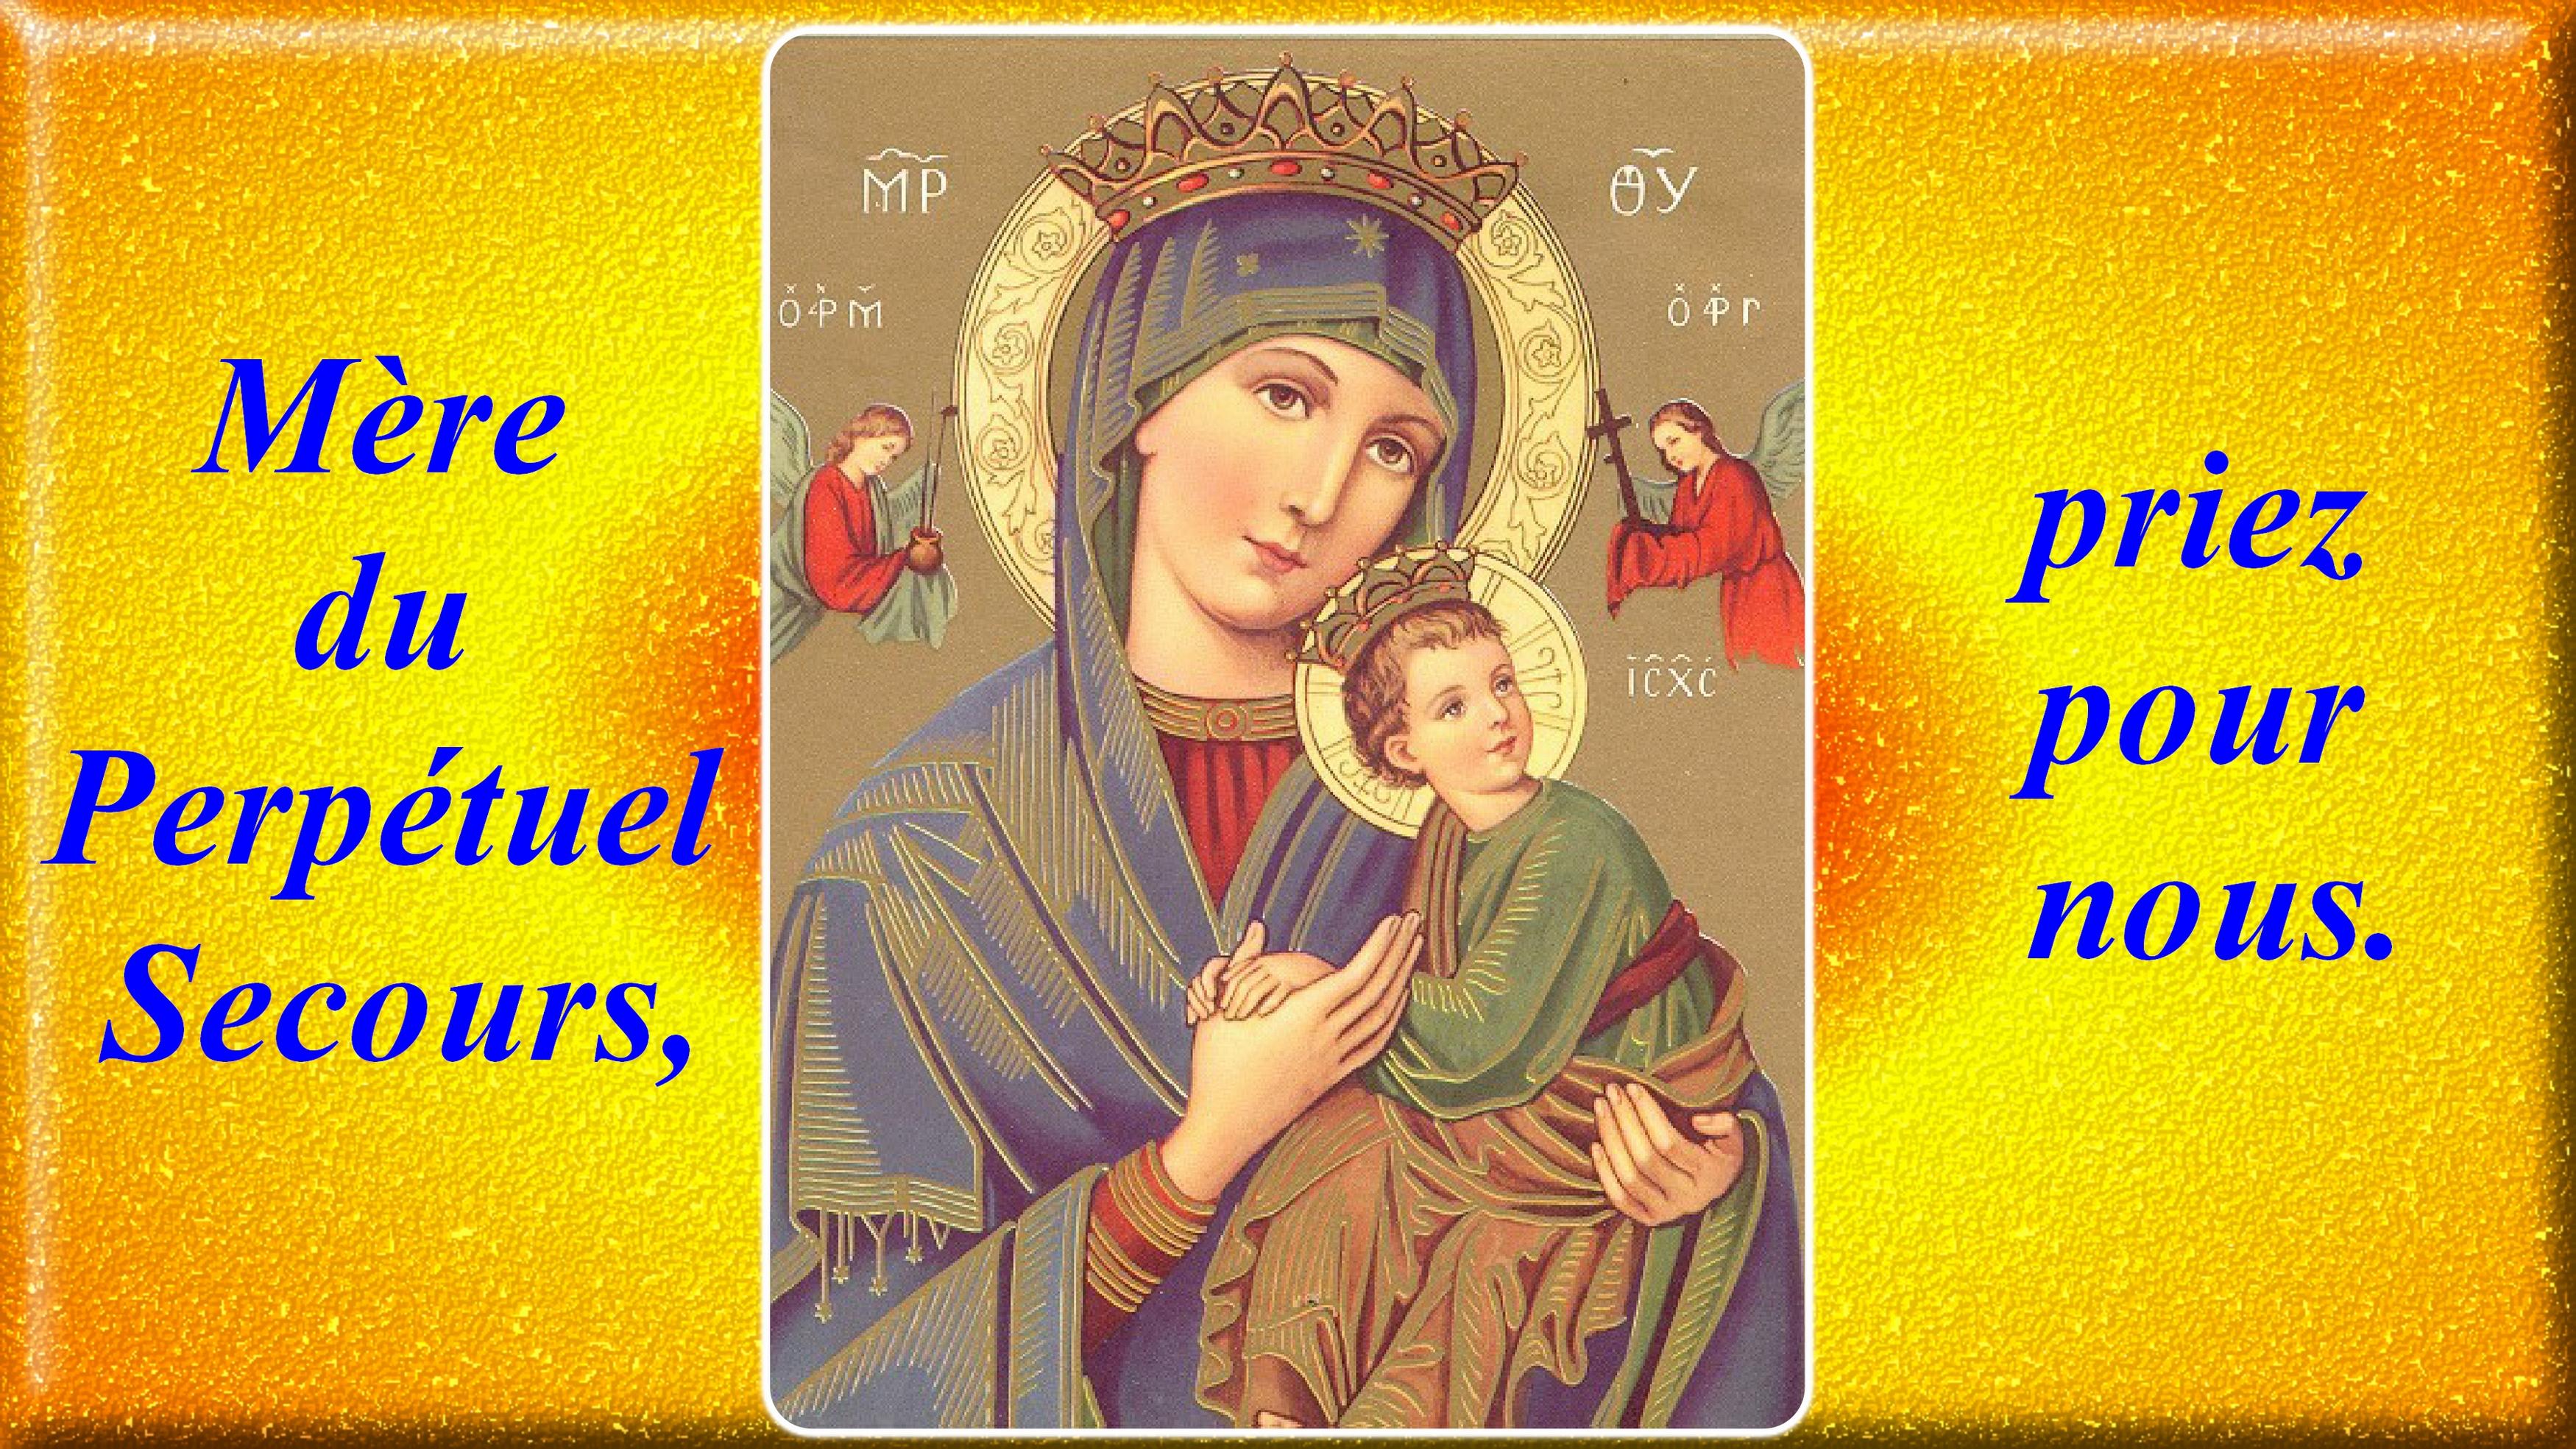 CALENDRIER CATHOLIQUE 2020 (Cantiques, Prières & Images) - Page 18 Notre-dame-du-per...-secours-5781935